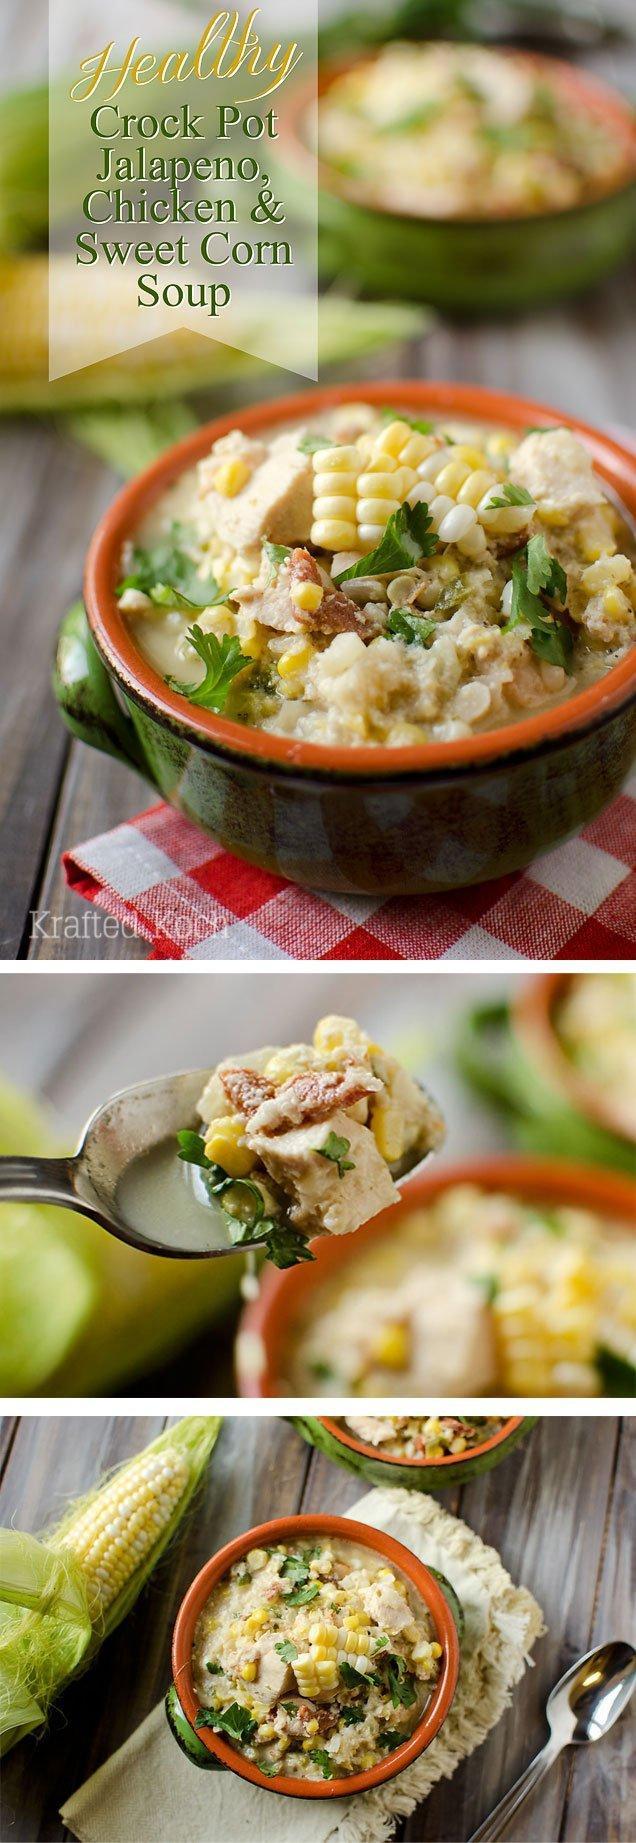 Healthy-Crock-Pot-Jalapeno-Chicken-Sweet-Corn-Soup-Krafted-Koch